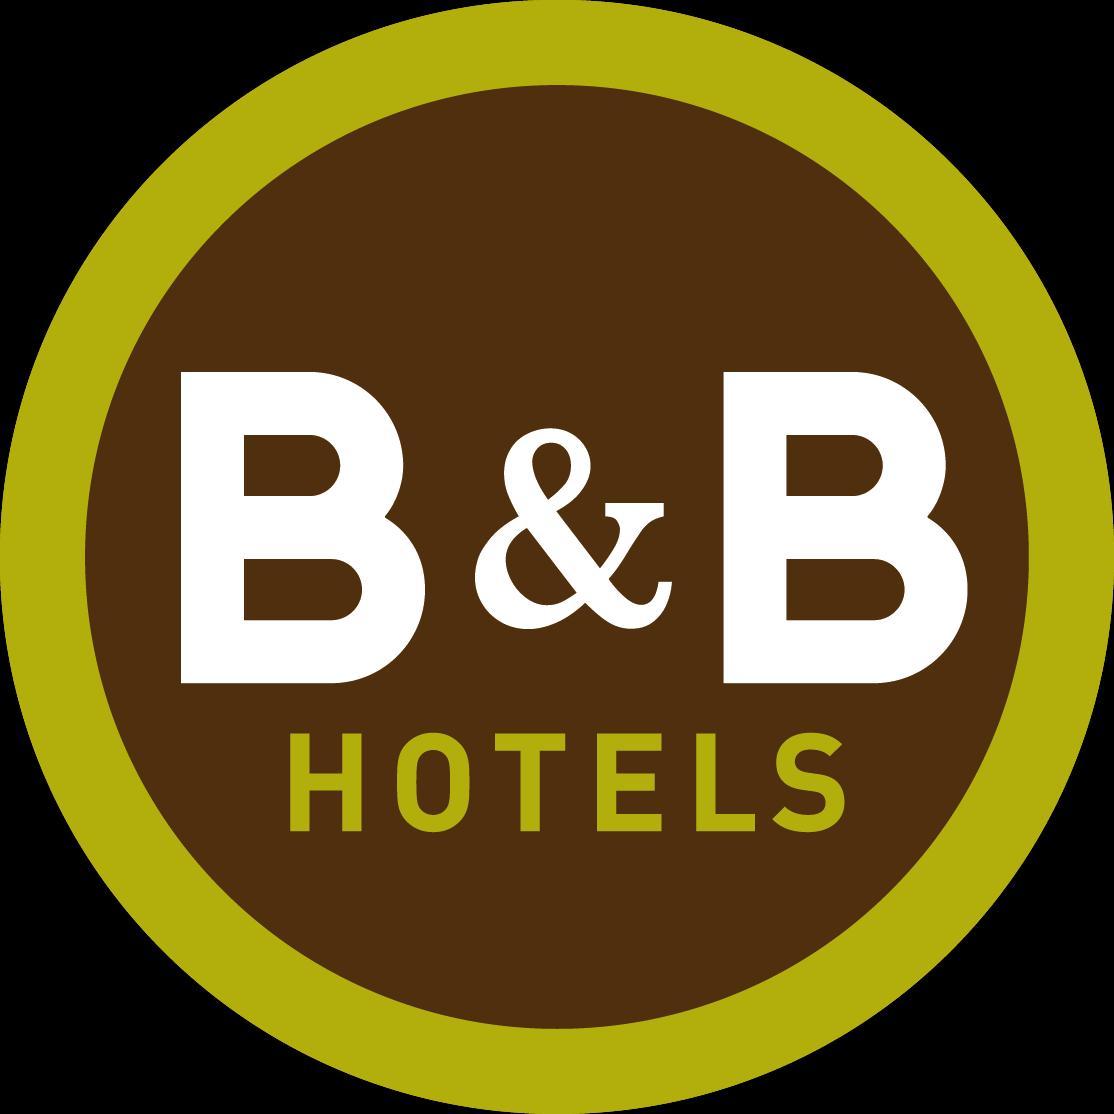 B&b Hotel Ploemeur